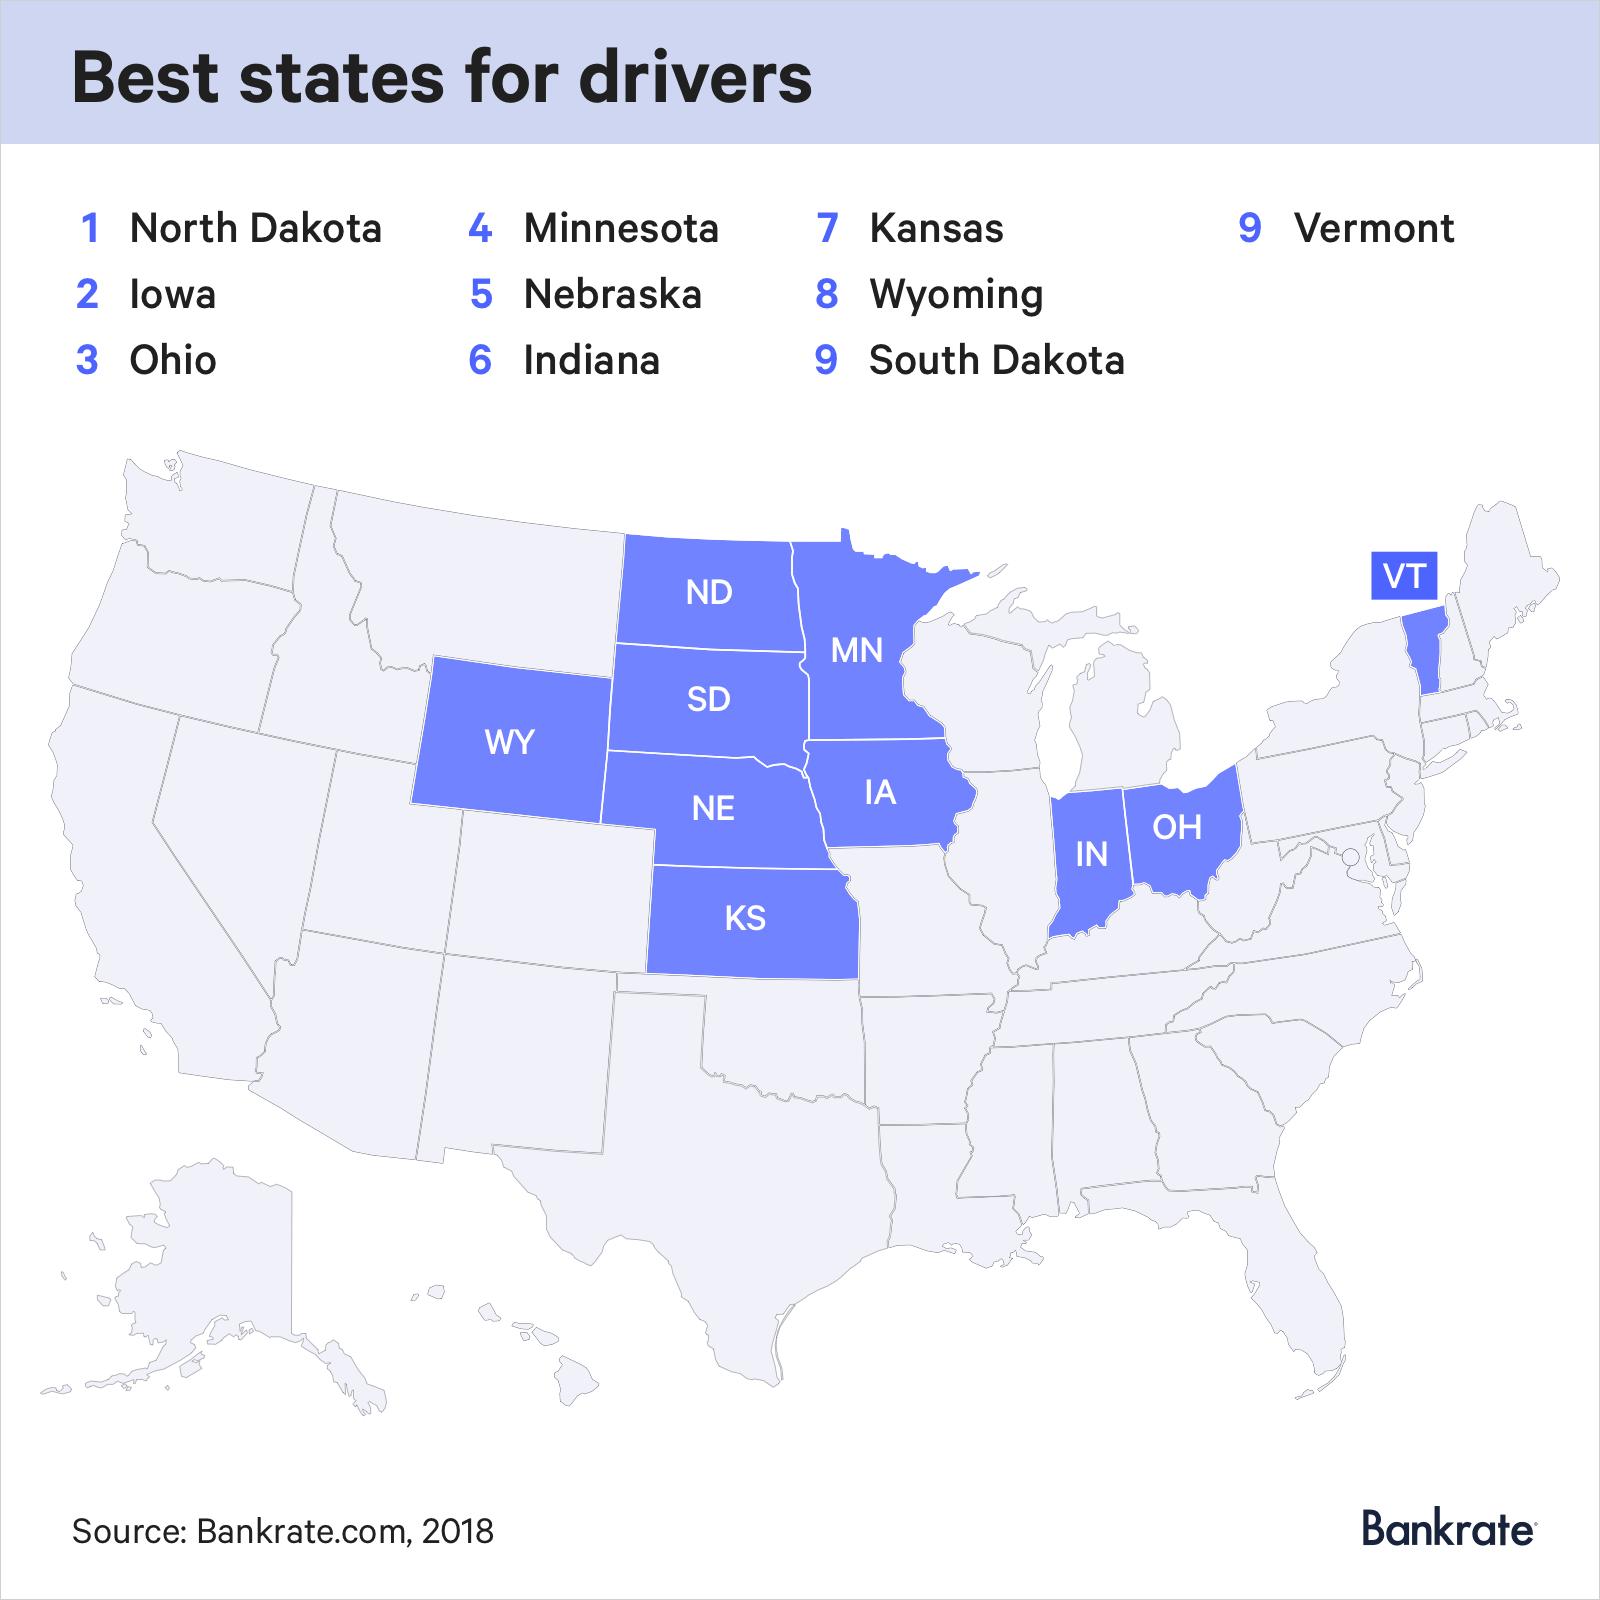 The best states for drivers are North Dakota, Iowa, Ohio, Minnesota, Nebraska, Indiana, Kansas, Wyoming, South Dakota, Vermont